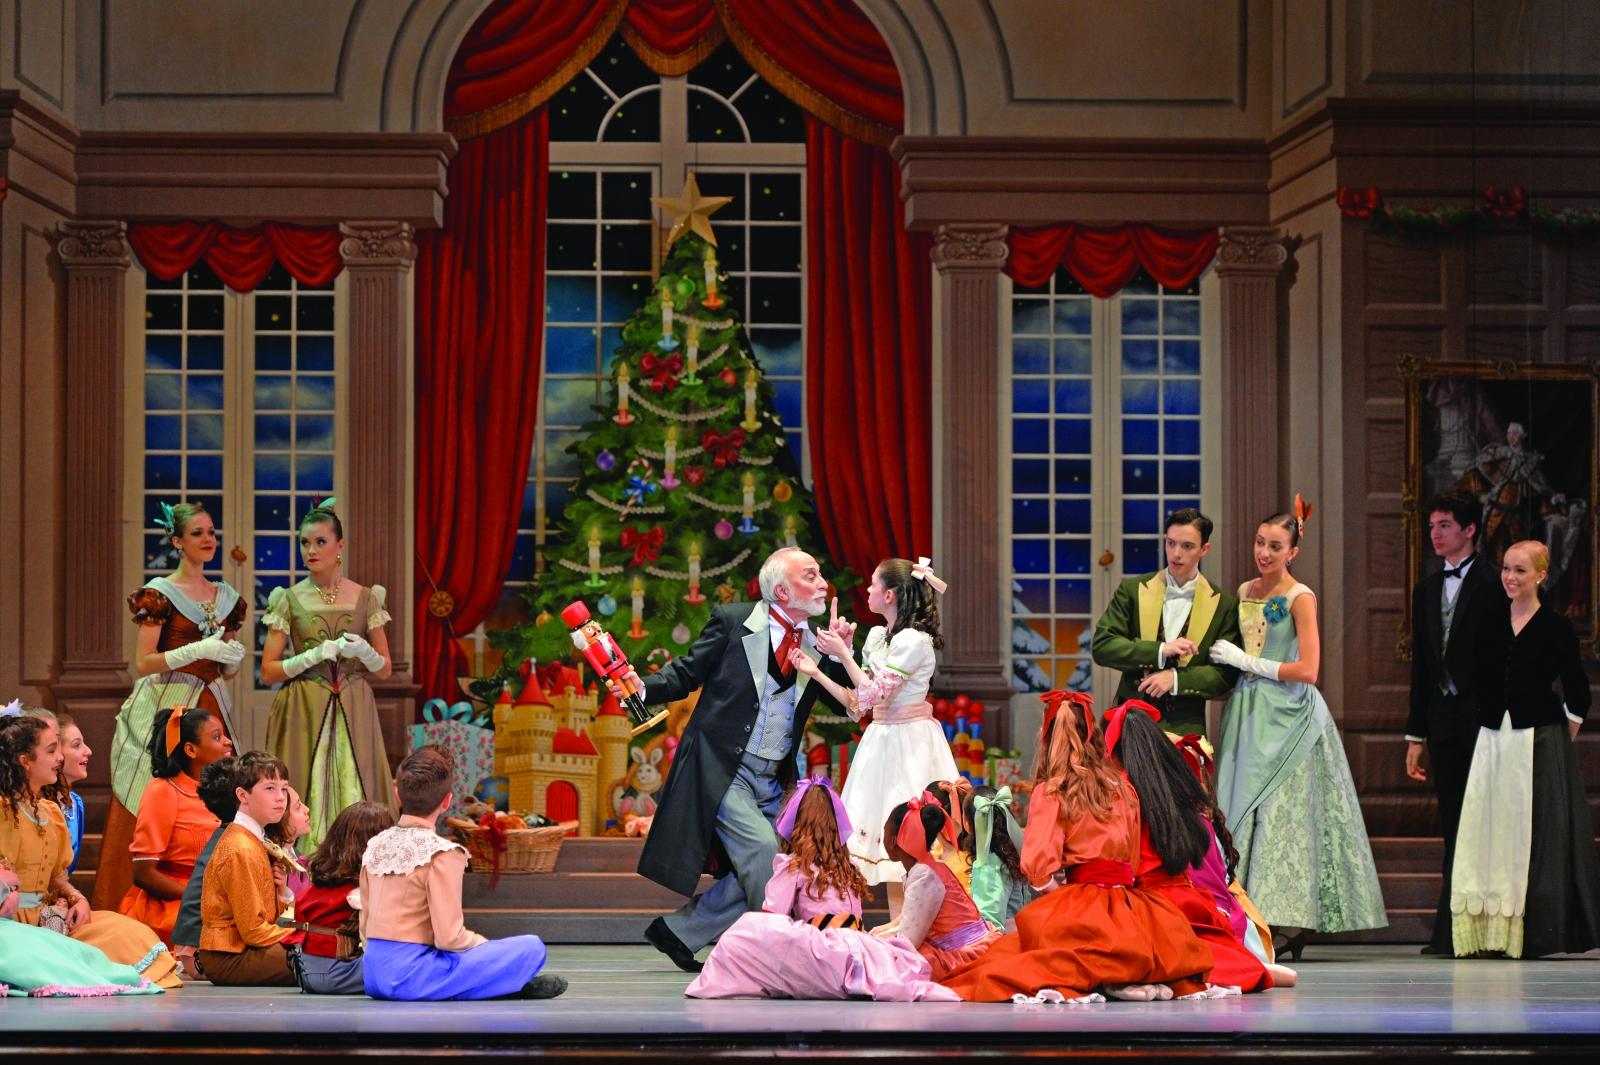 Charlotte Ballet Nutcracker Performance